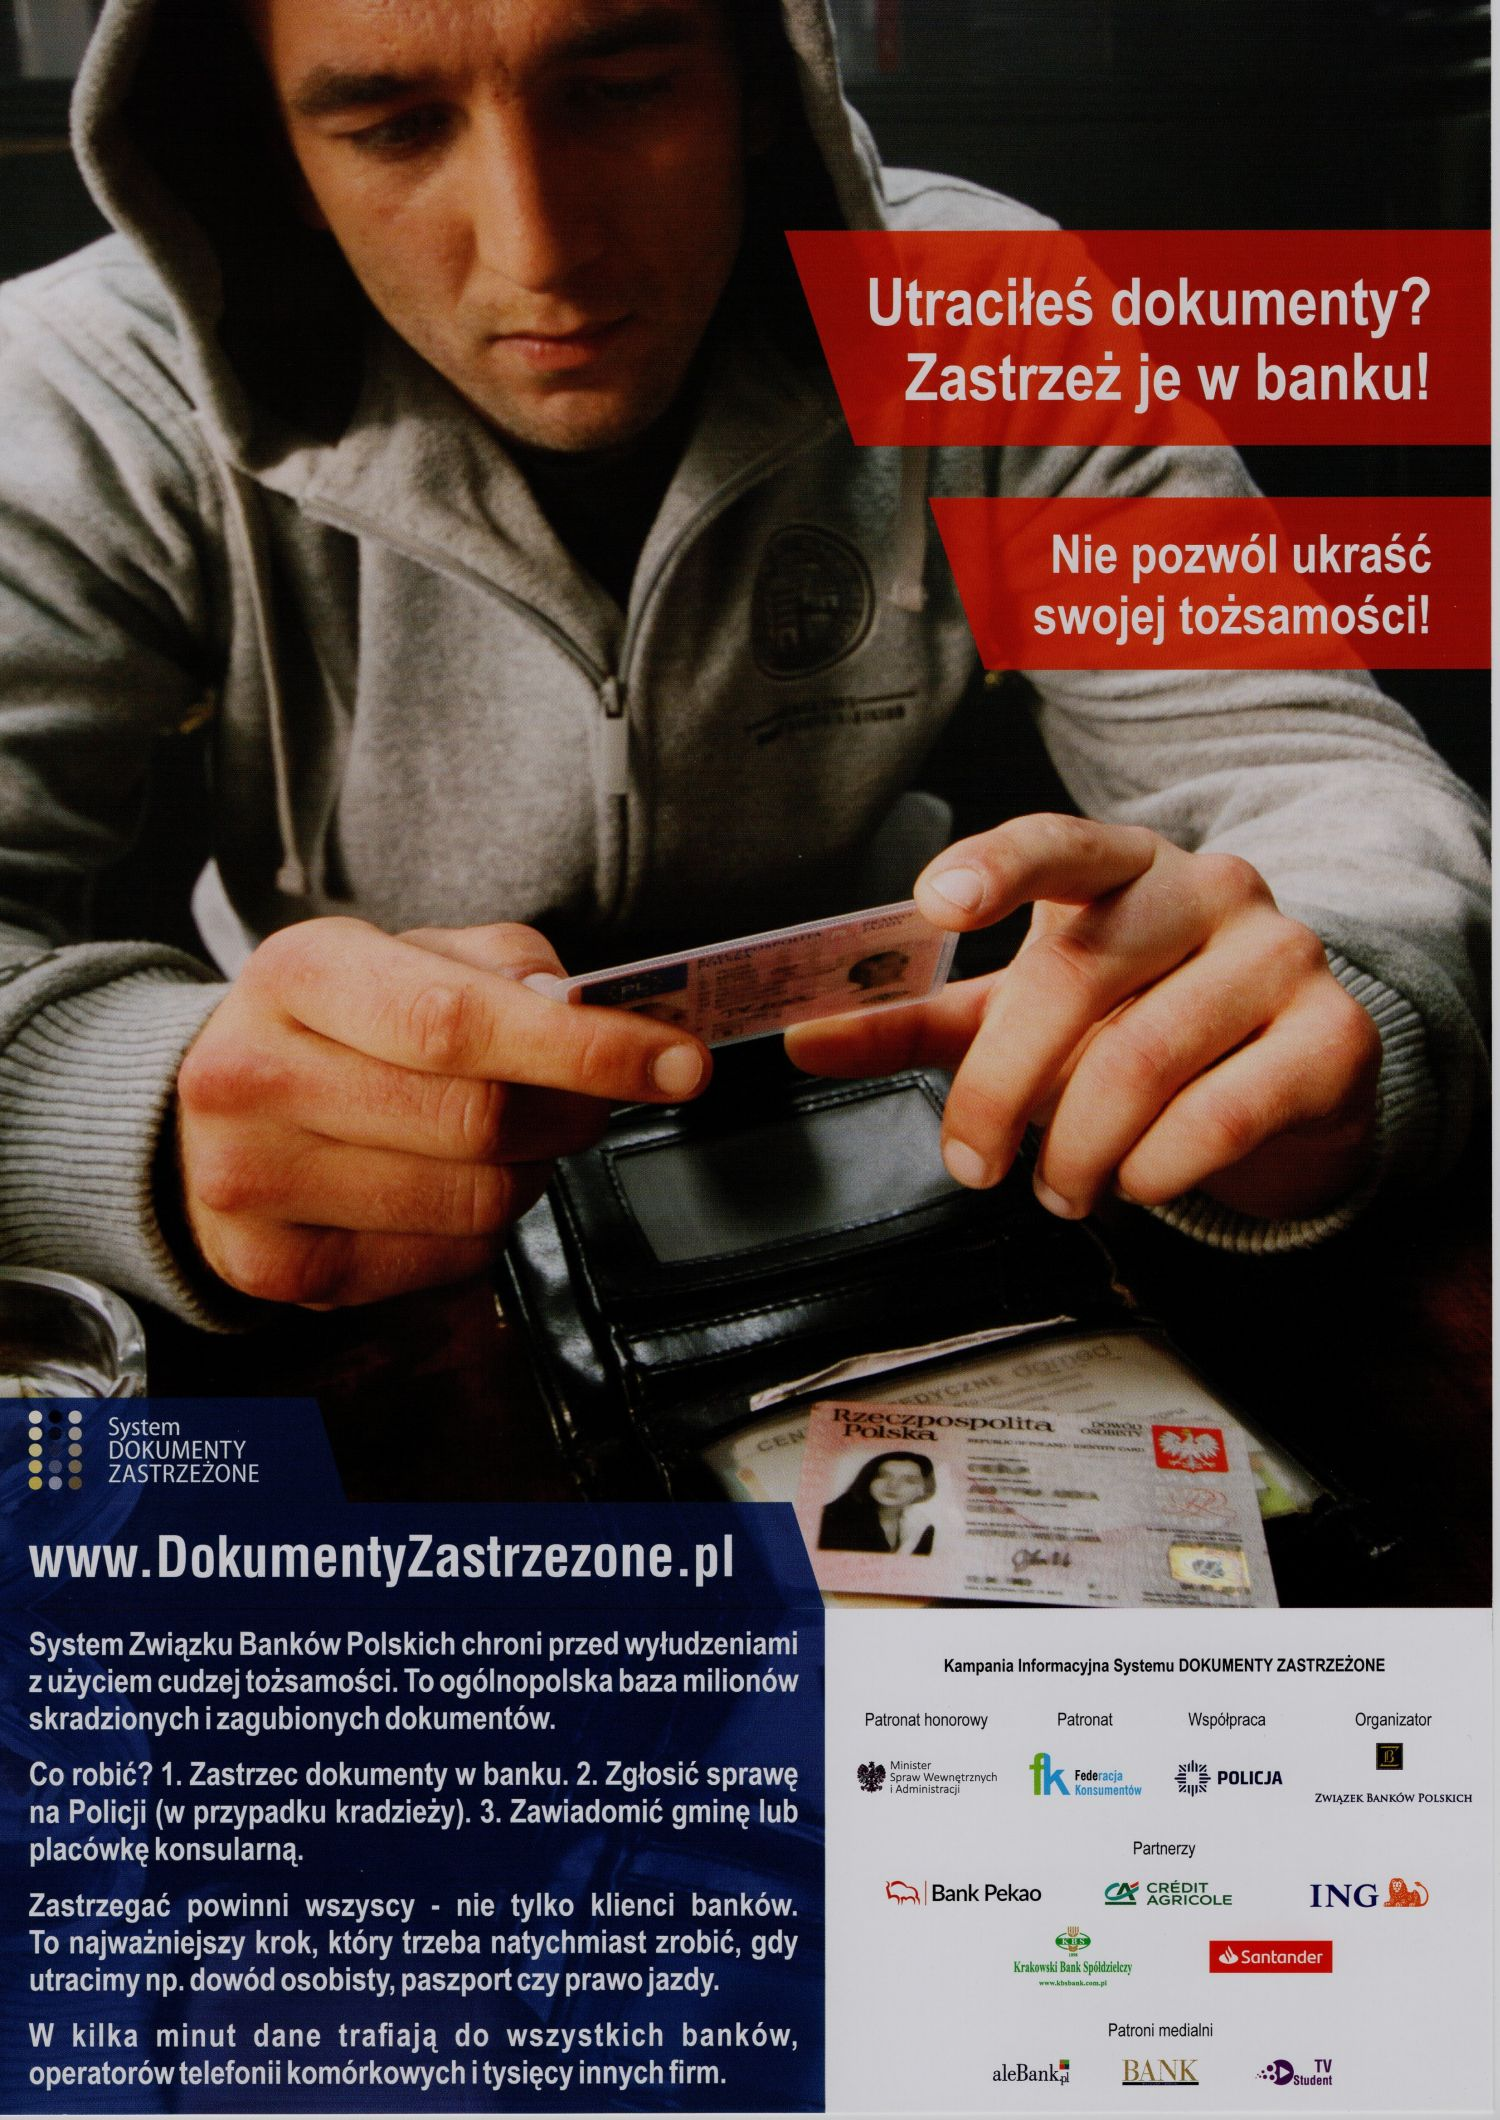 Plakat www.DokumentyZastrzezone.pl